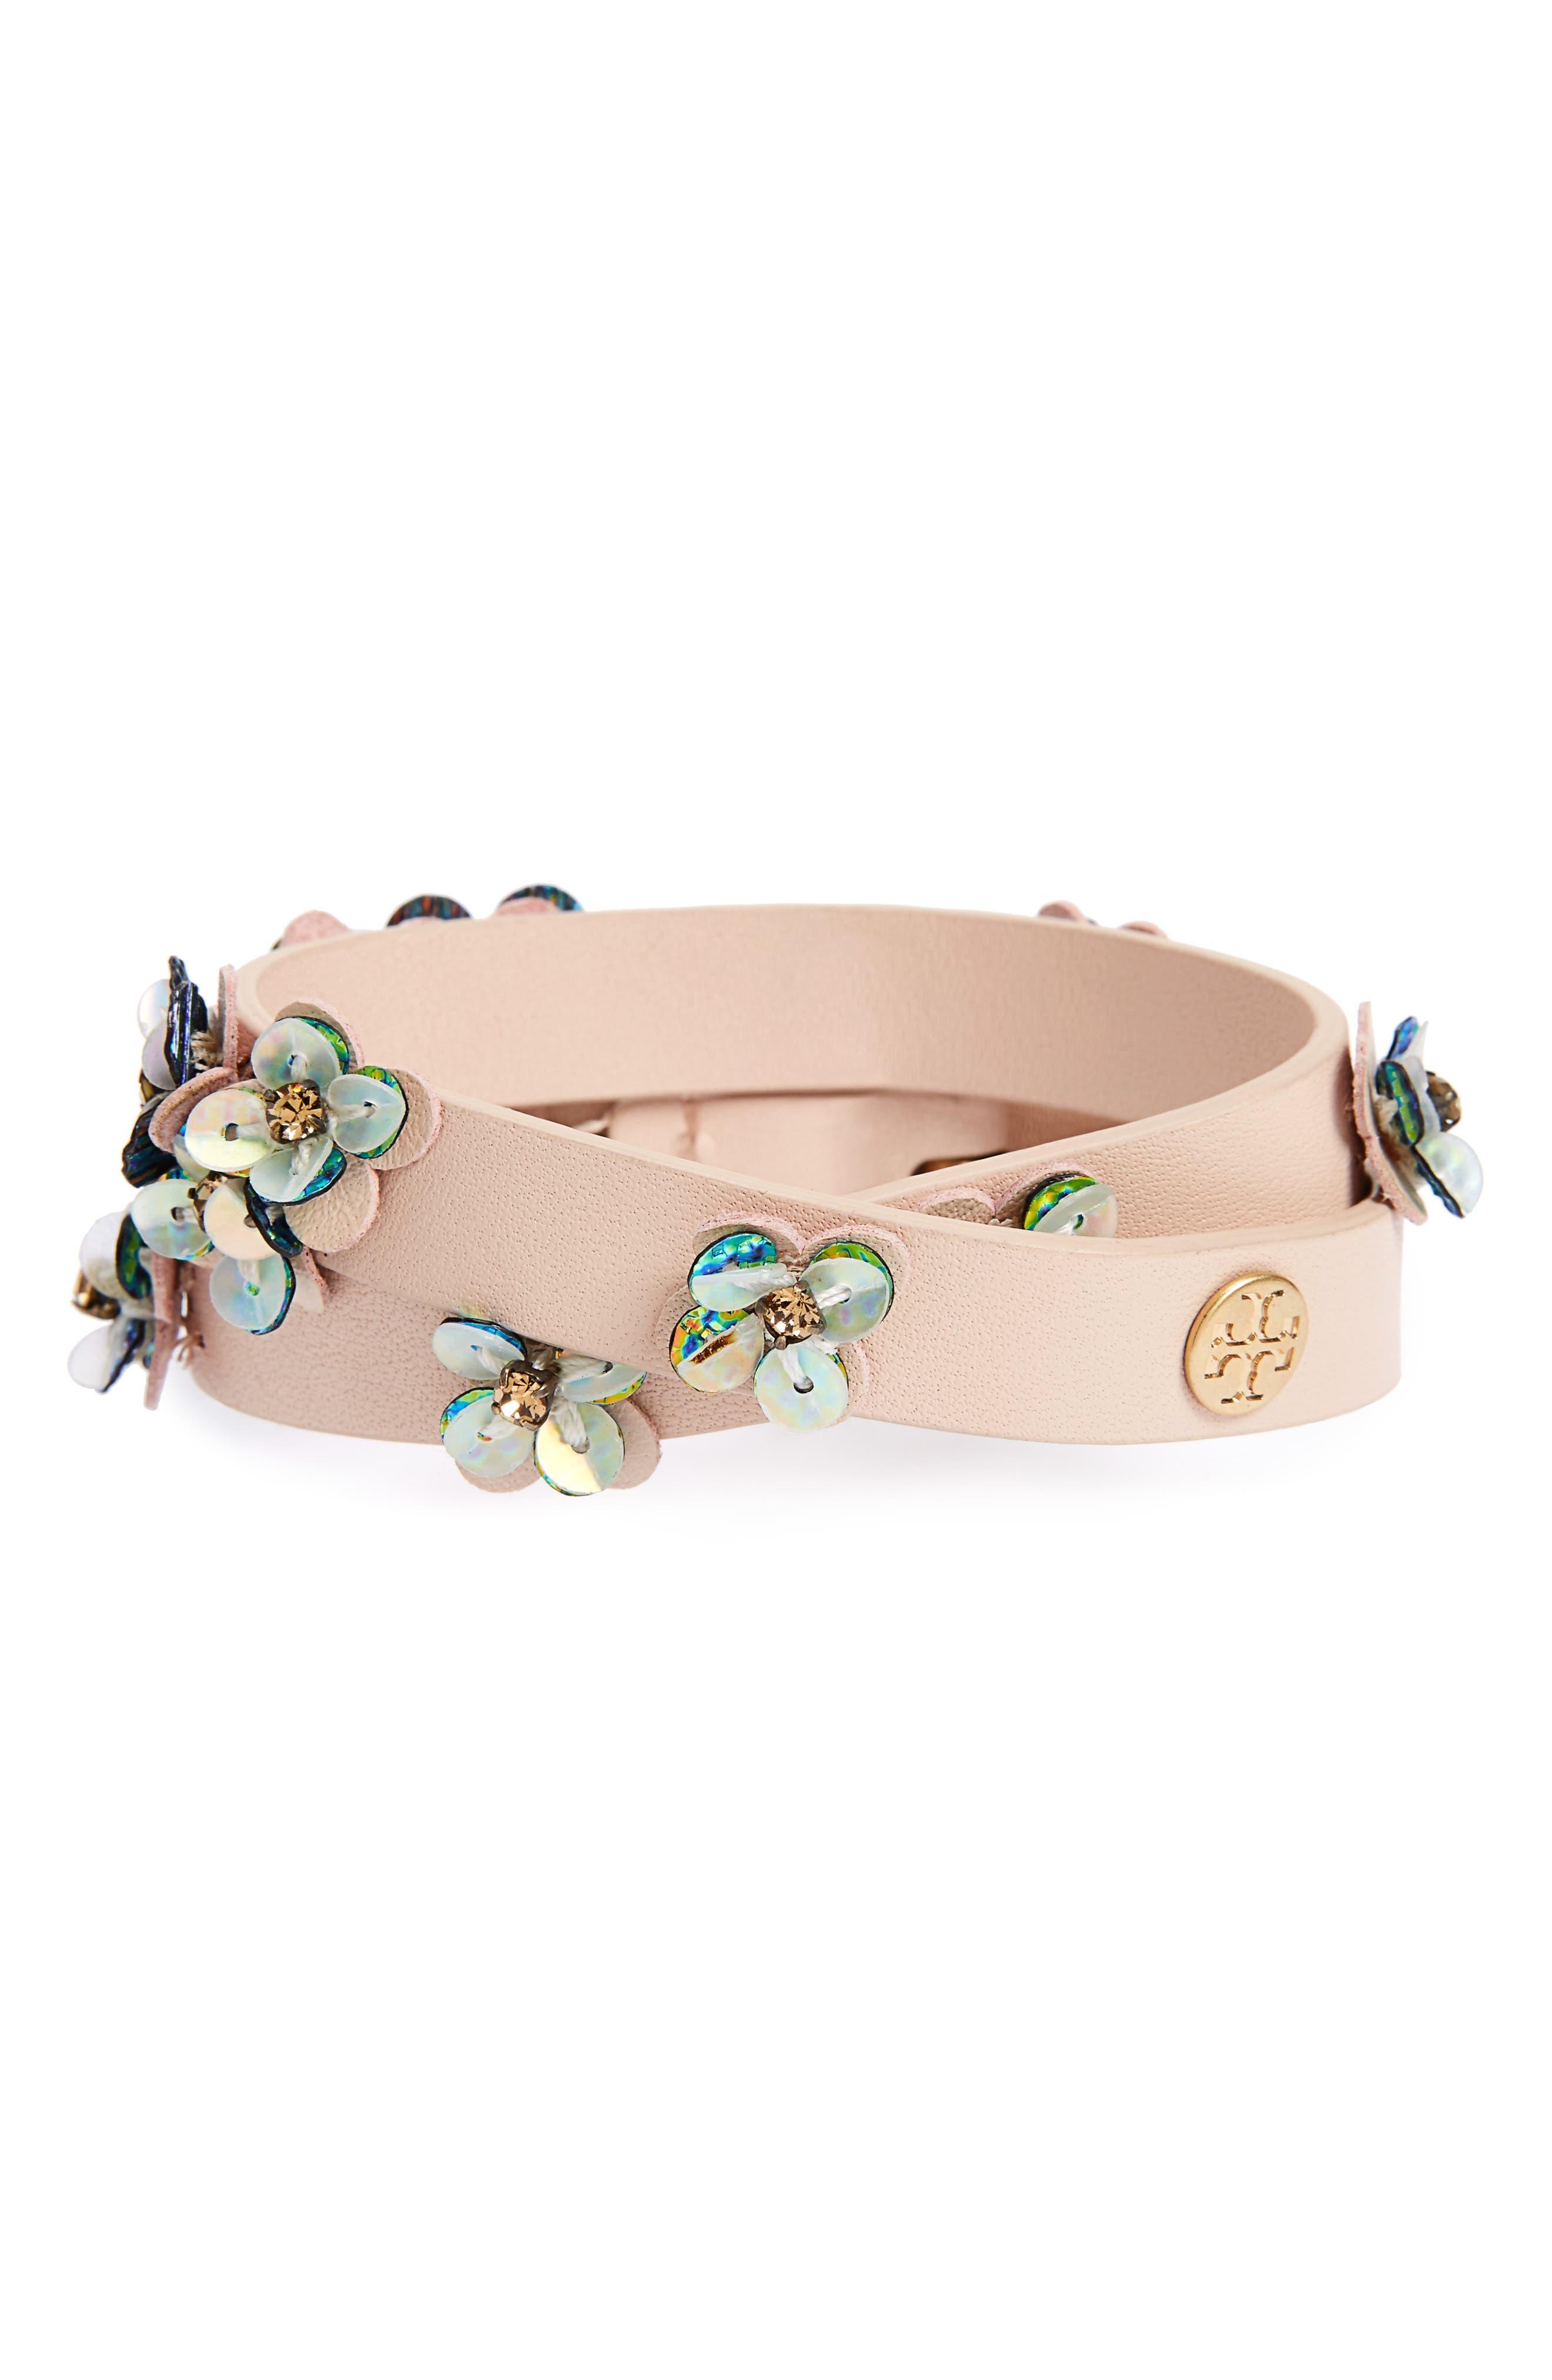 Leather Wrap Bracelet,                             Main thumbnail 1, color,                             250